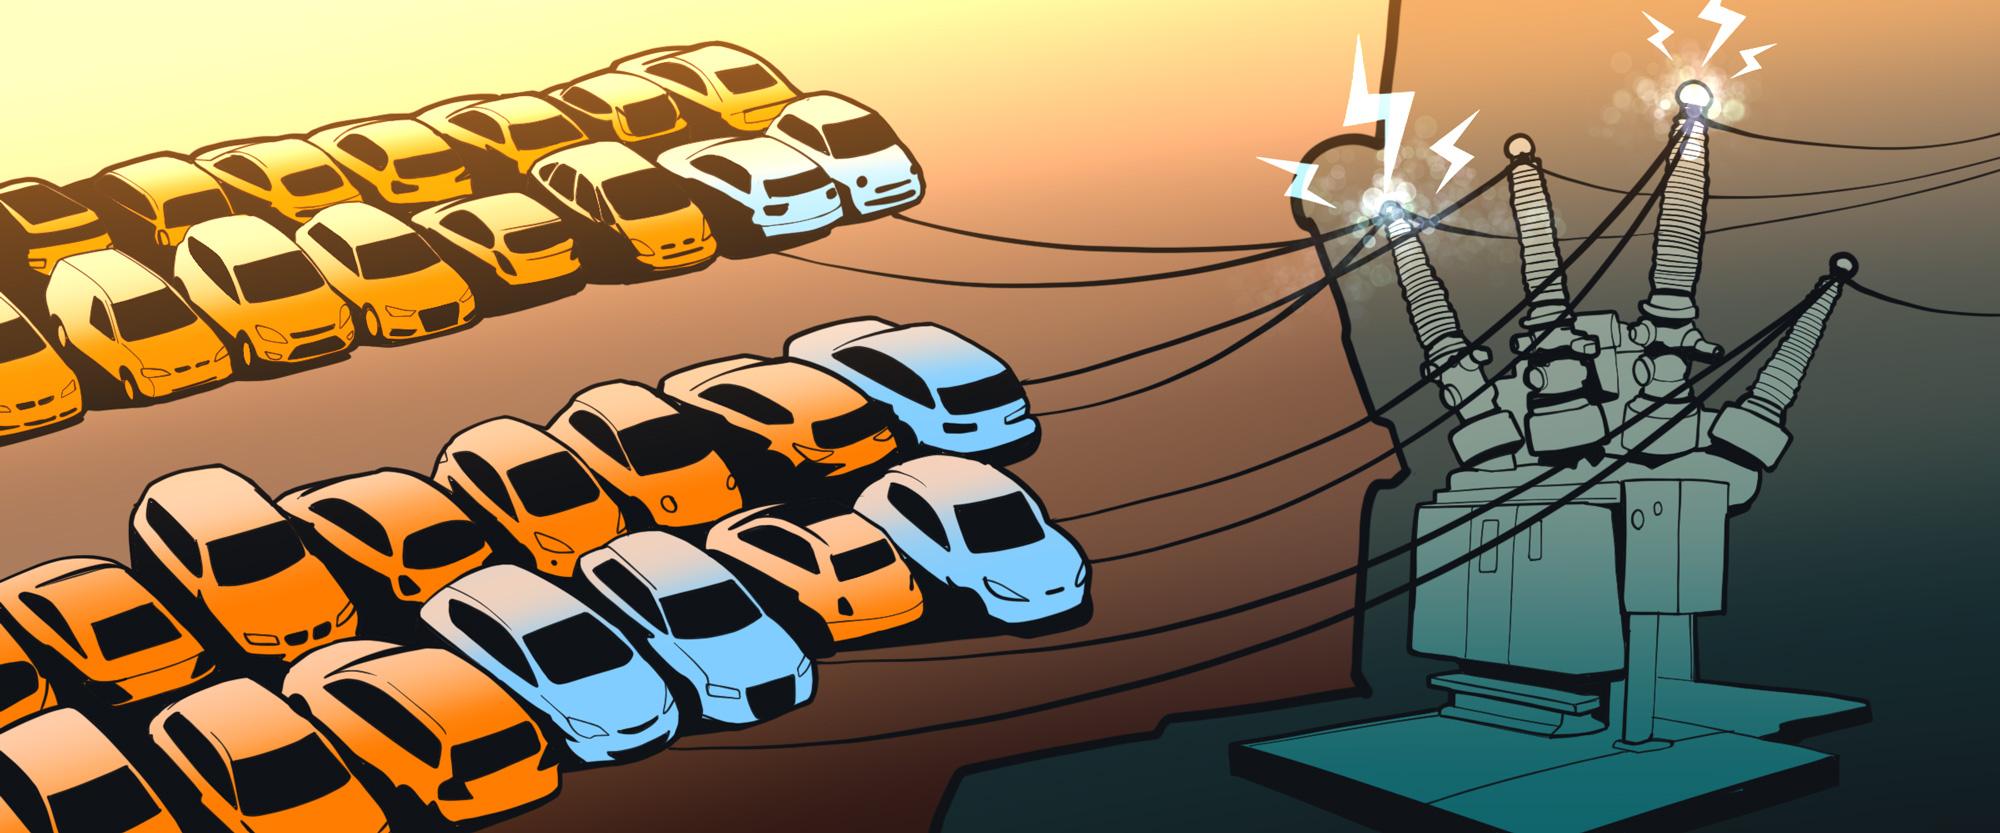 Нет, мир неперейдёт наэлектромобили: 5главных препятствий